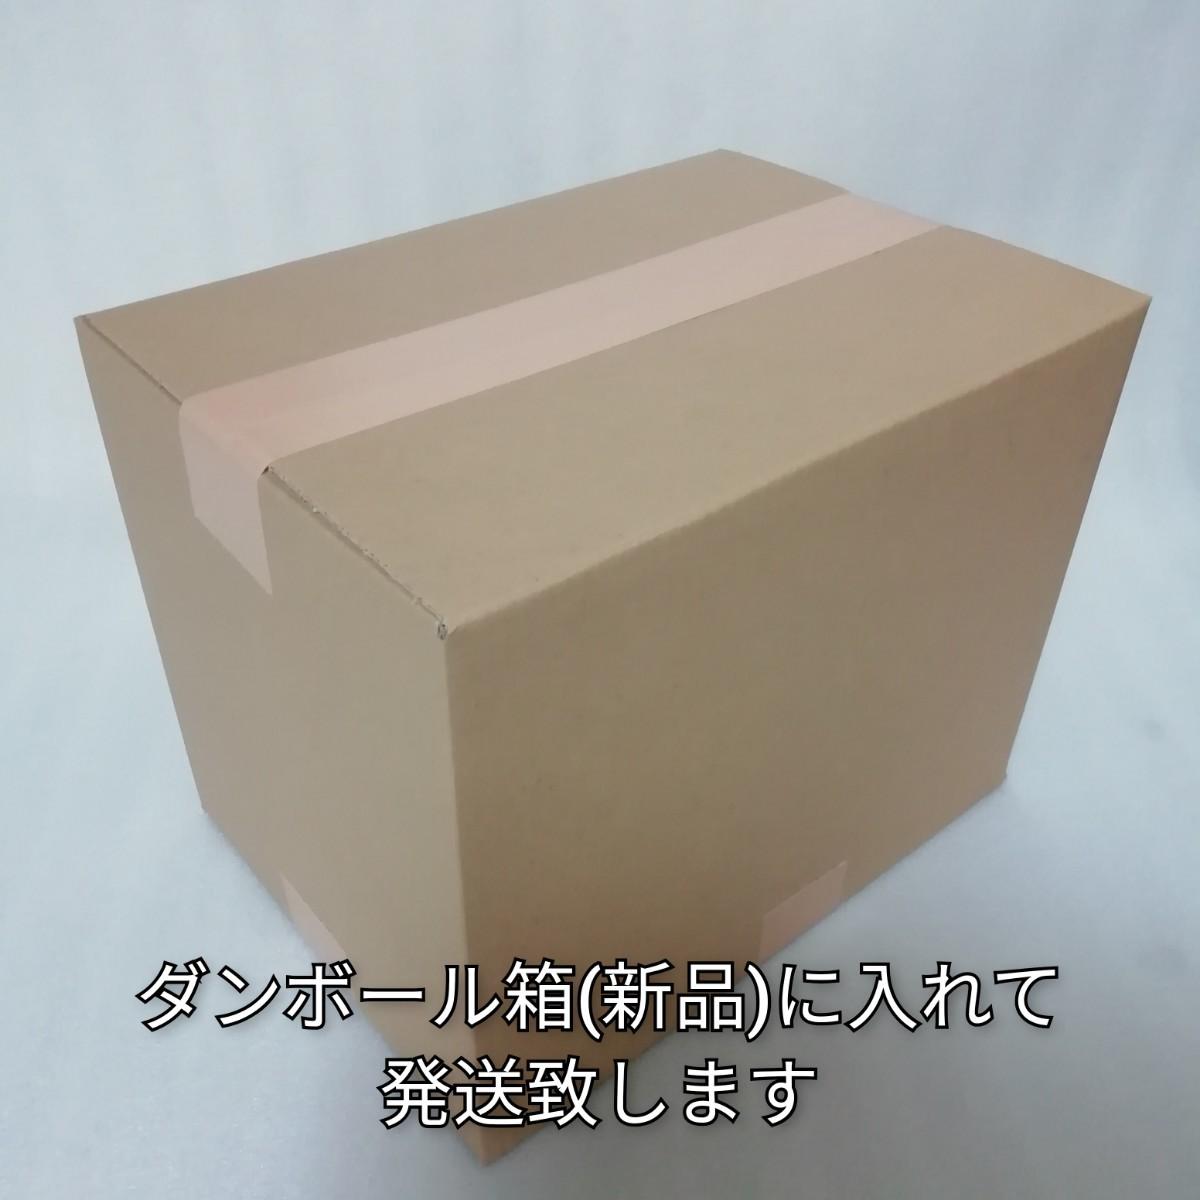 ブレンドフォルテシモ 120袋 澤井珈琲 ドリップコーヒー